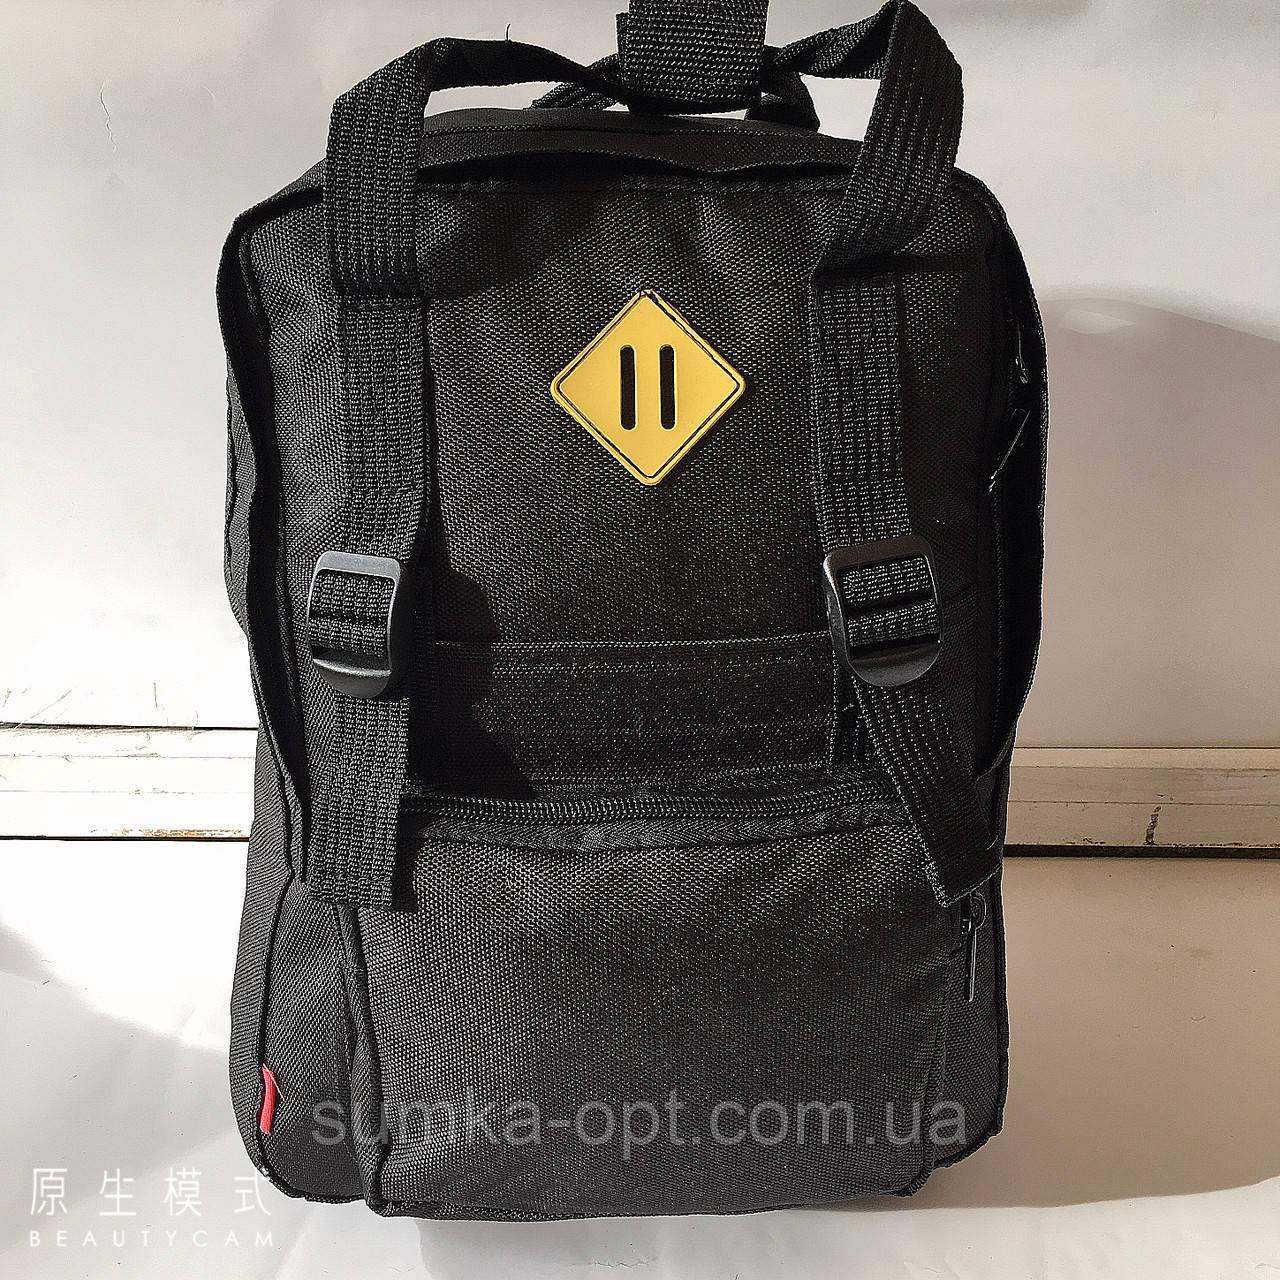 Міський текстильний чорний рюкзак з двома ручками 27*37 см